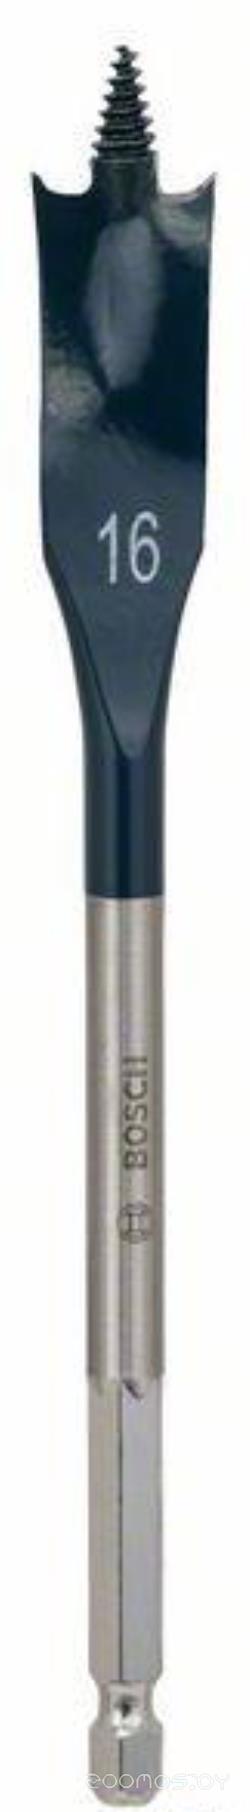 Сверло Bosch 2.608.595.487